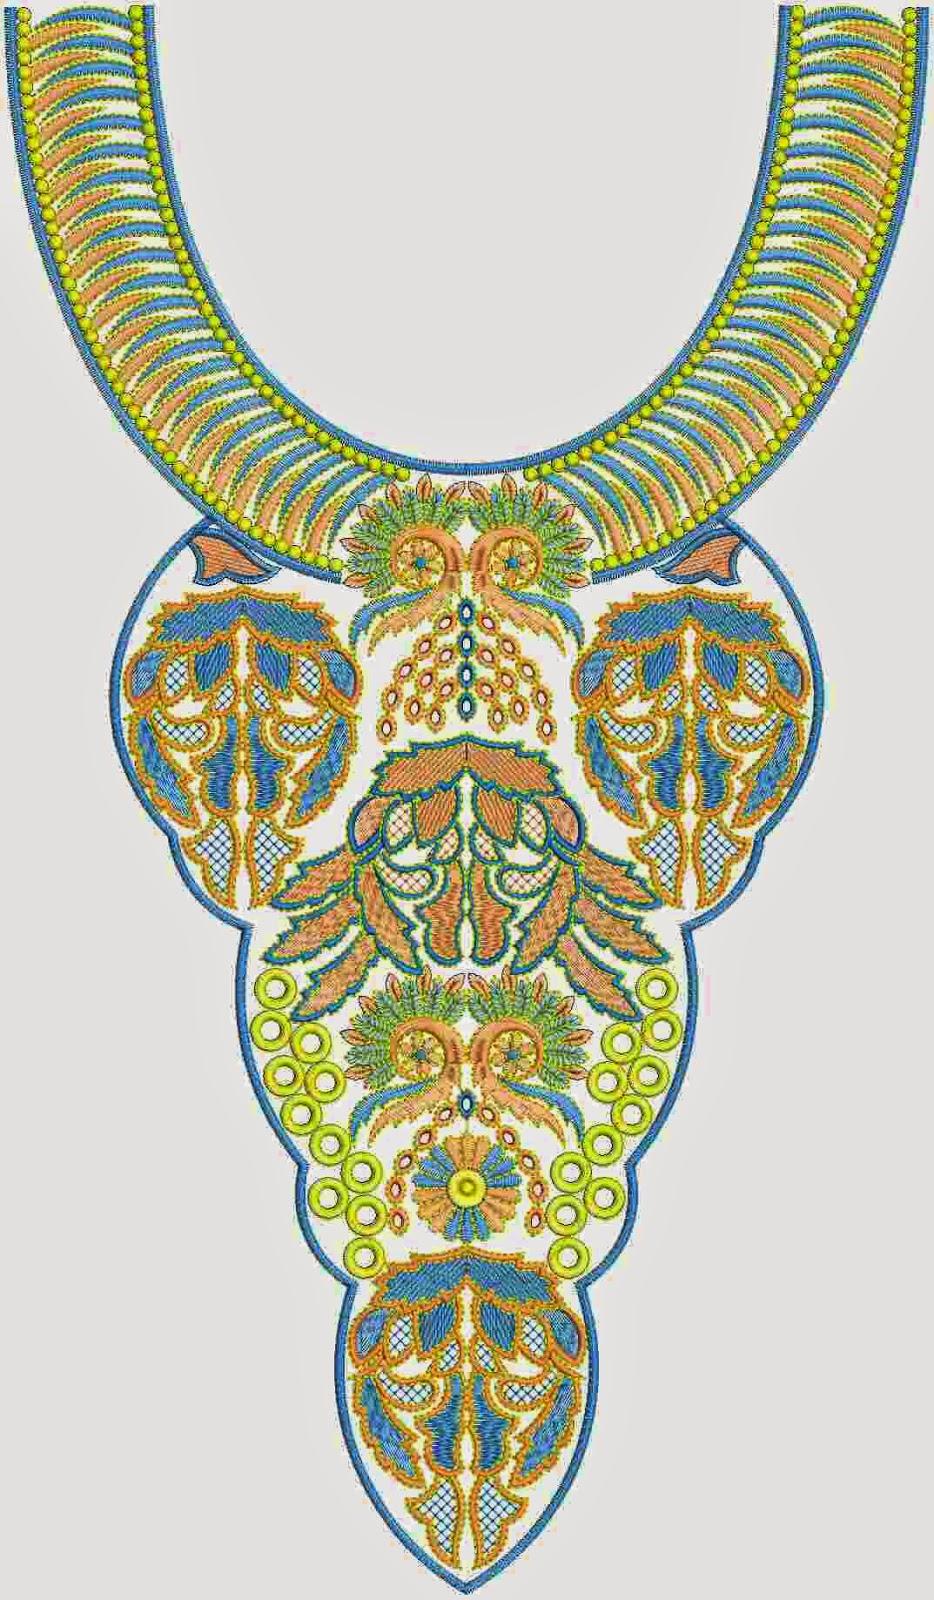 Katolieke borduurwerk nek ontwerp